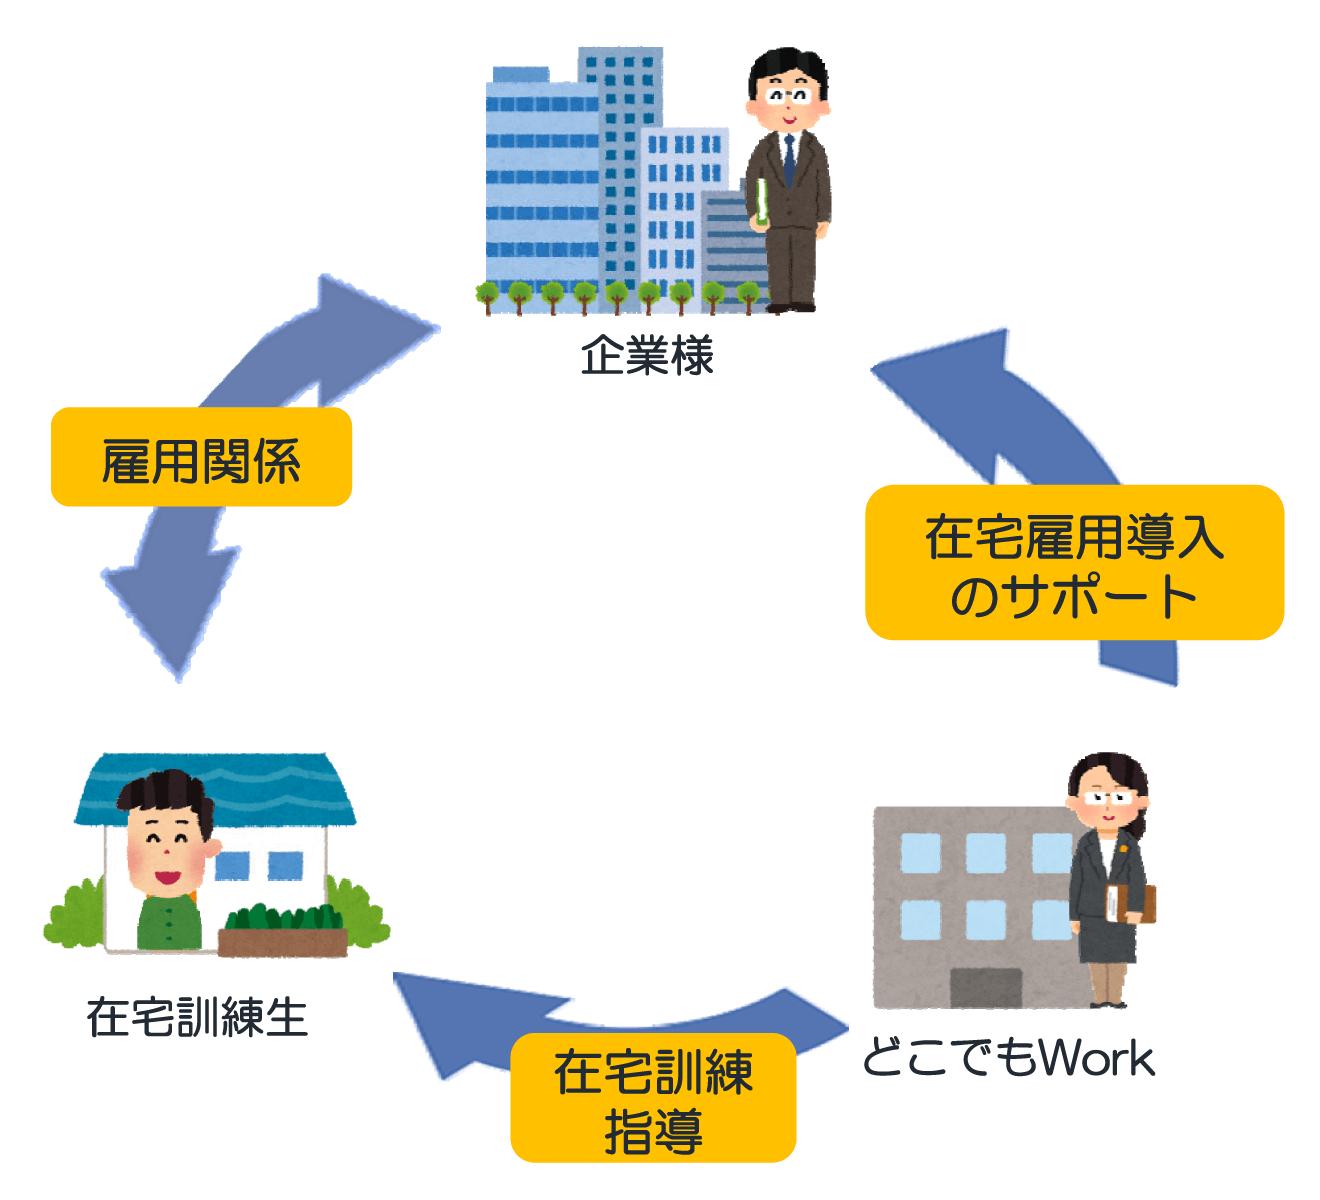 企業様と在宅訓練生の雇用関係、どこでもWorkから企業様へ在宅雇用のサポート、どこでもWorkから在宅訓練生へ在宅訓練指導。